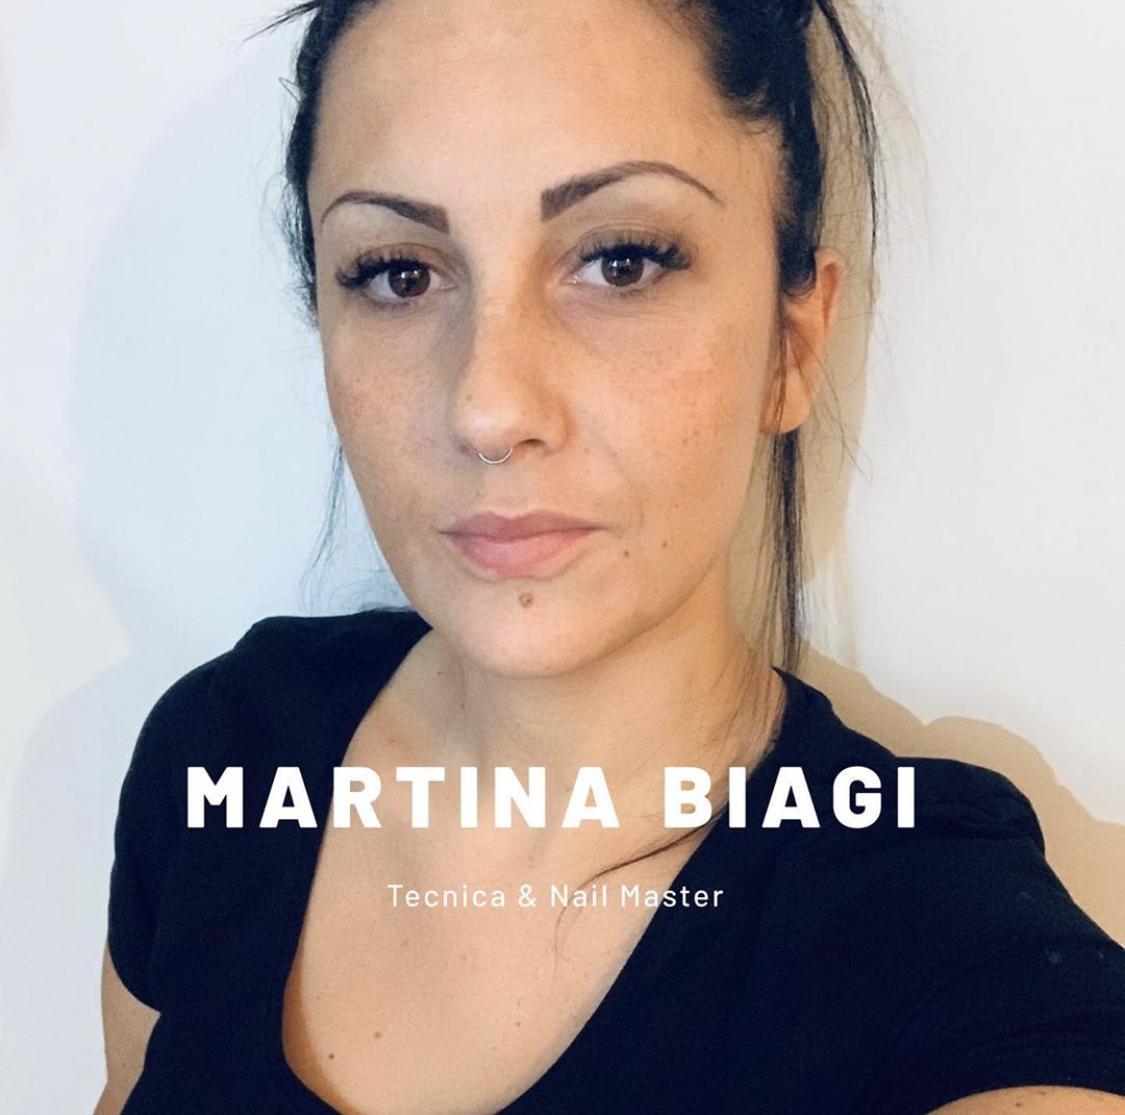 MARTINA BIAGI